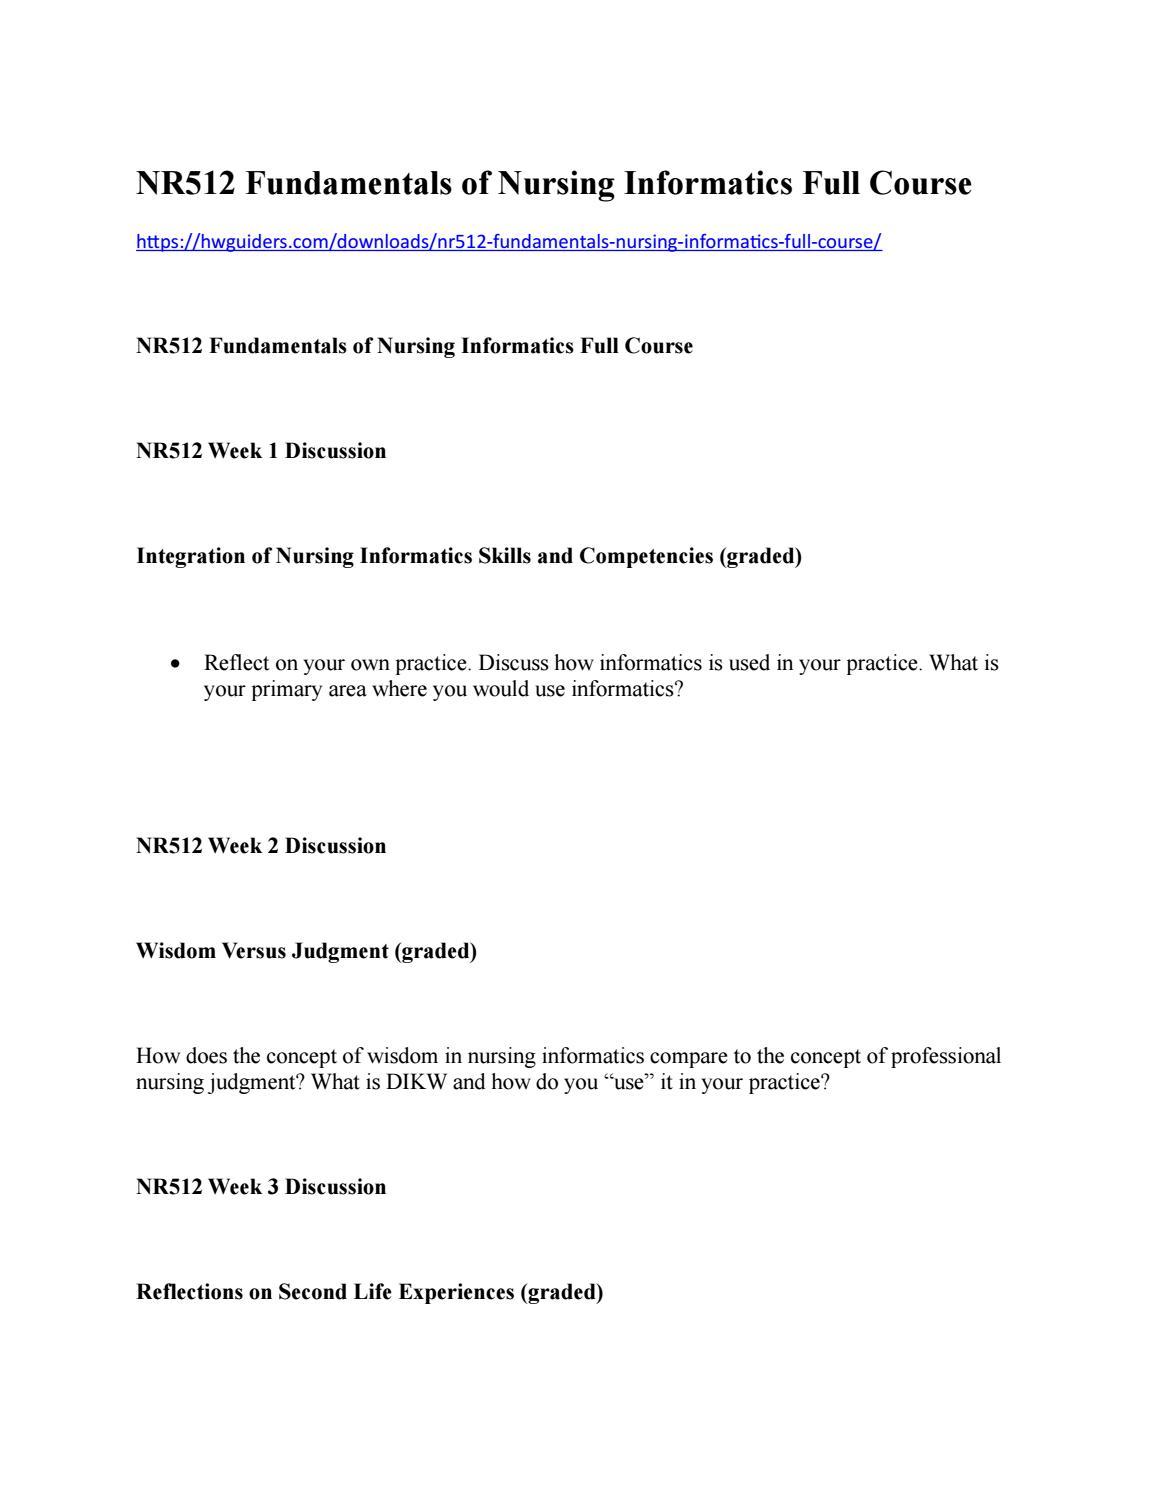 Nr512 Fundamentals Of Nursing Informatics Full Course By